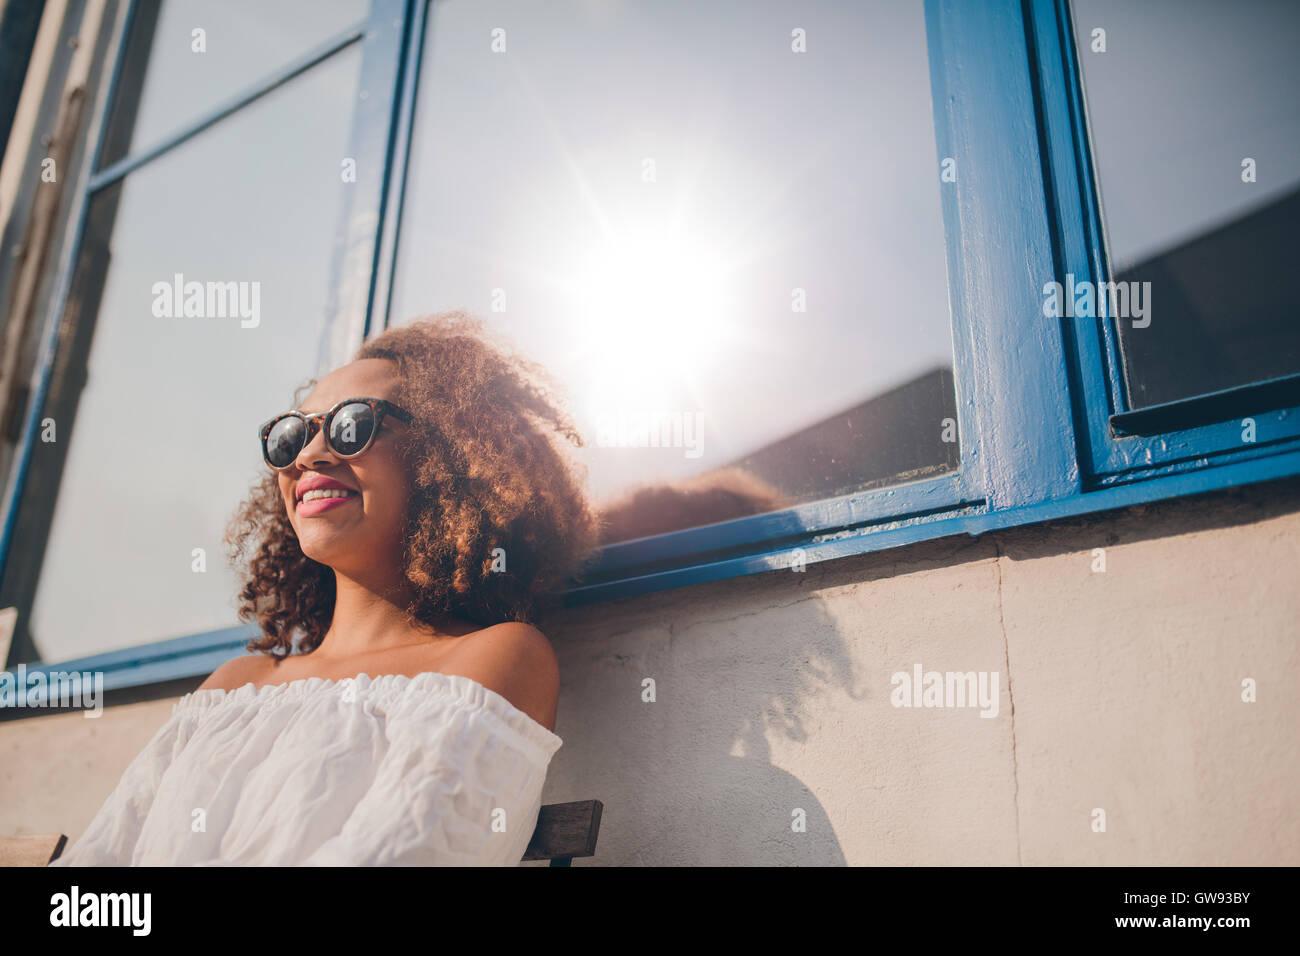 Disparó al aire libre de feliz joven femenina africana sentados al aire libre y sonriente. Mujer con gafas Imagen De Stock